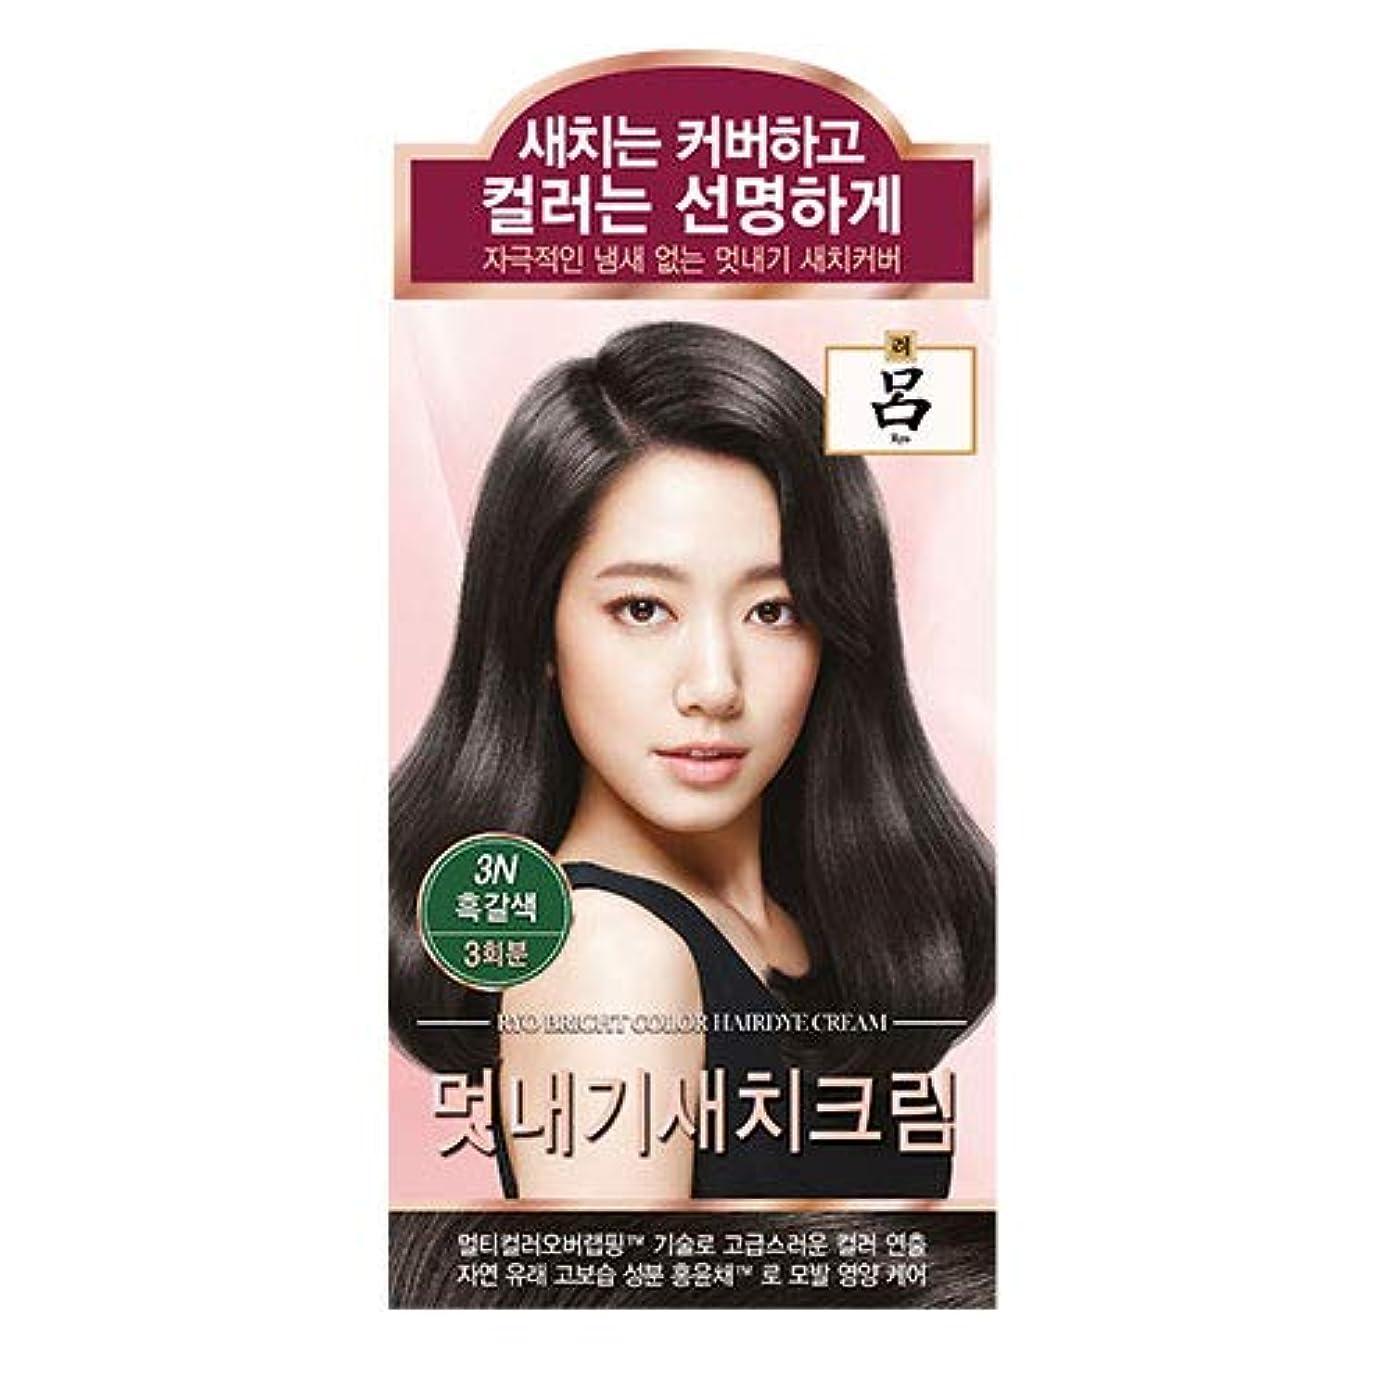 保護する調和のとれた灌漑アモーレパシフィック呂[AMOREPACIFIC/Ryo] ブライトカラーヘアアイクリーム 3N ダークブラウン/Bright Color Hairdye Cream 3N Dark Brown